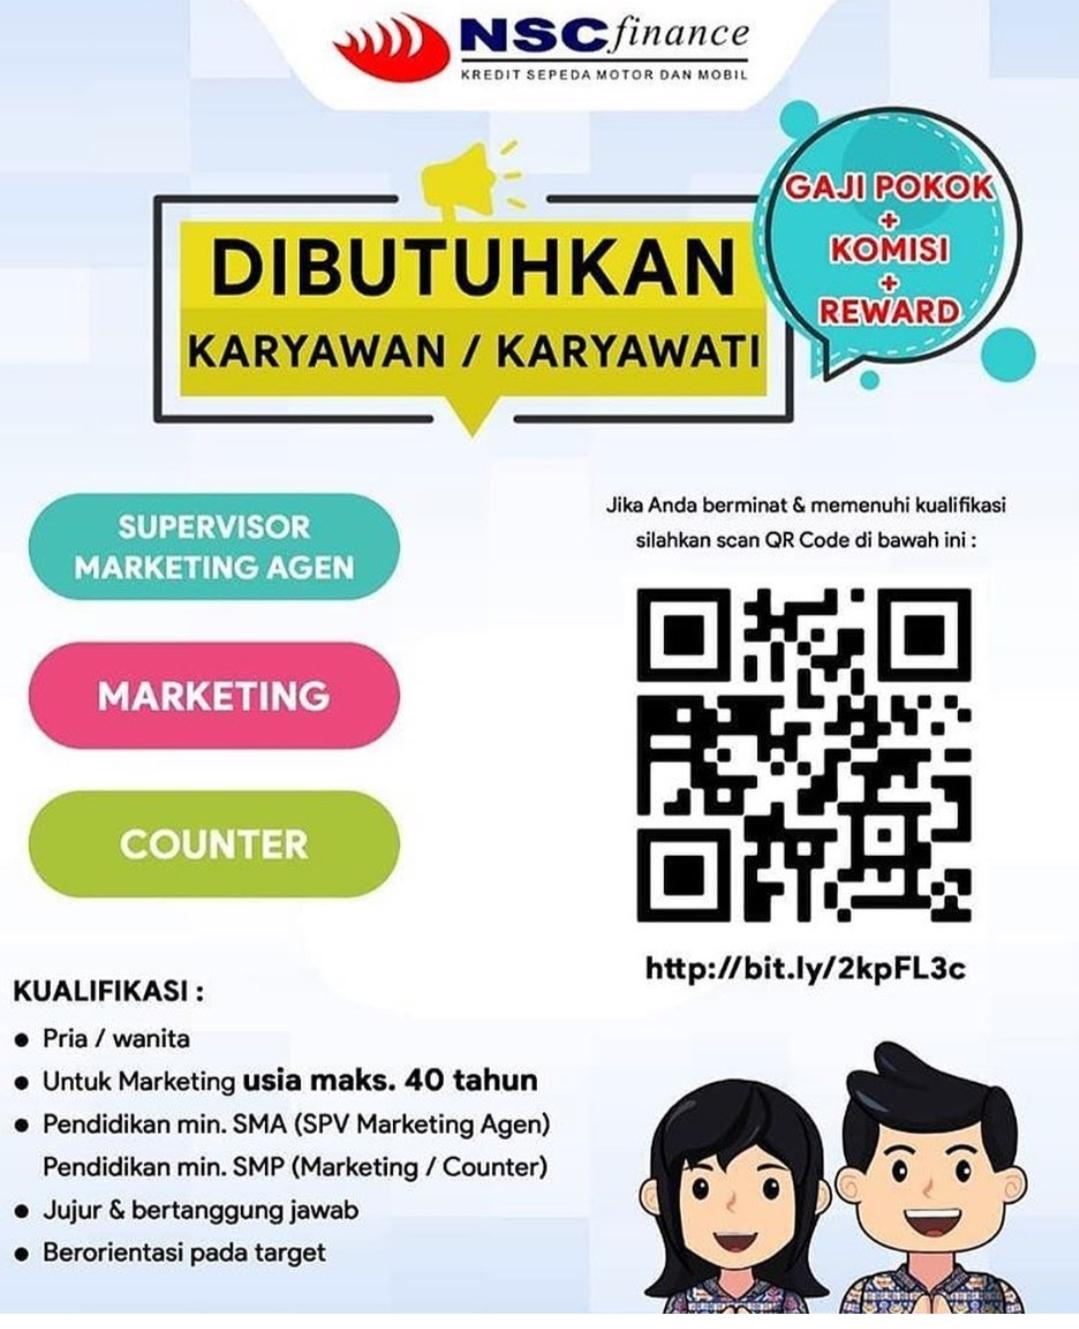 Lowongan Kerja Medan November 2020 Smp Sma Smk Pt Nusantara Surya Sakti Nsc Finance